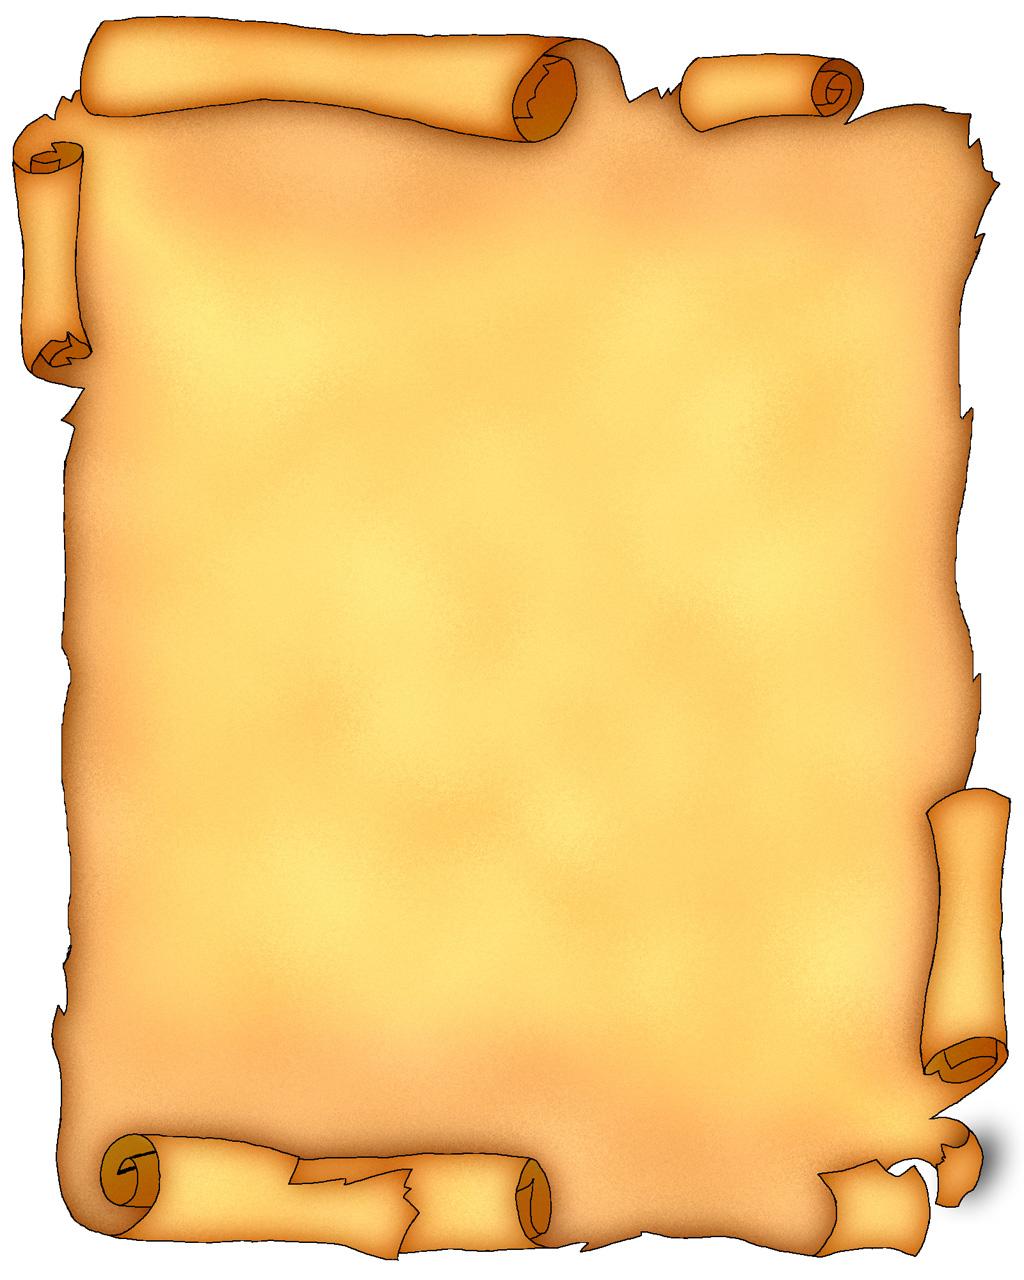 Пергаментная бумага - как пользоваться, какой стороной класть на противень и чем заменить для выпечки